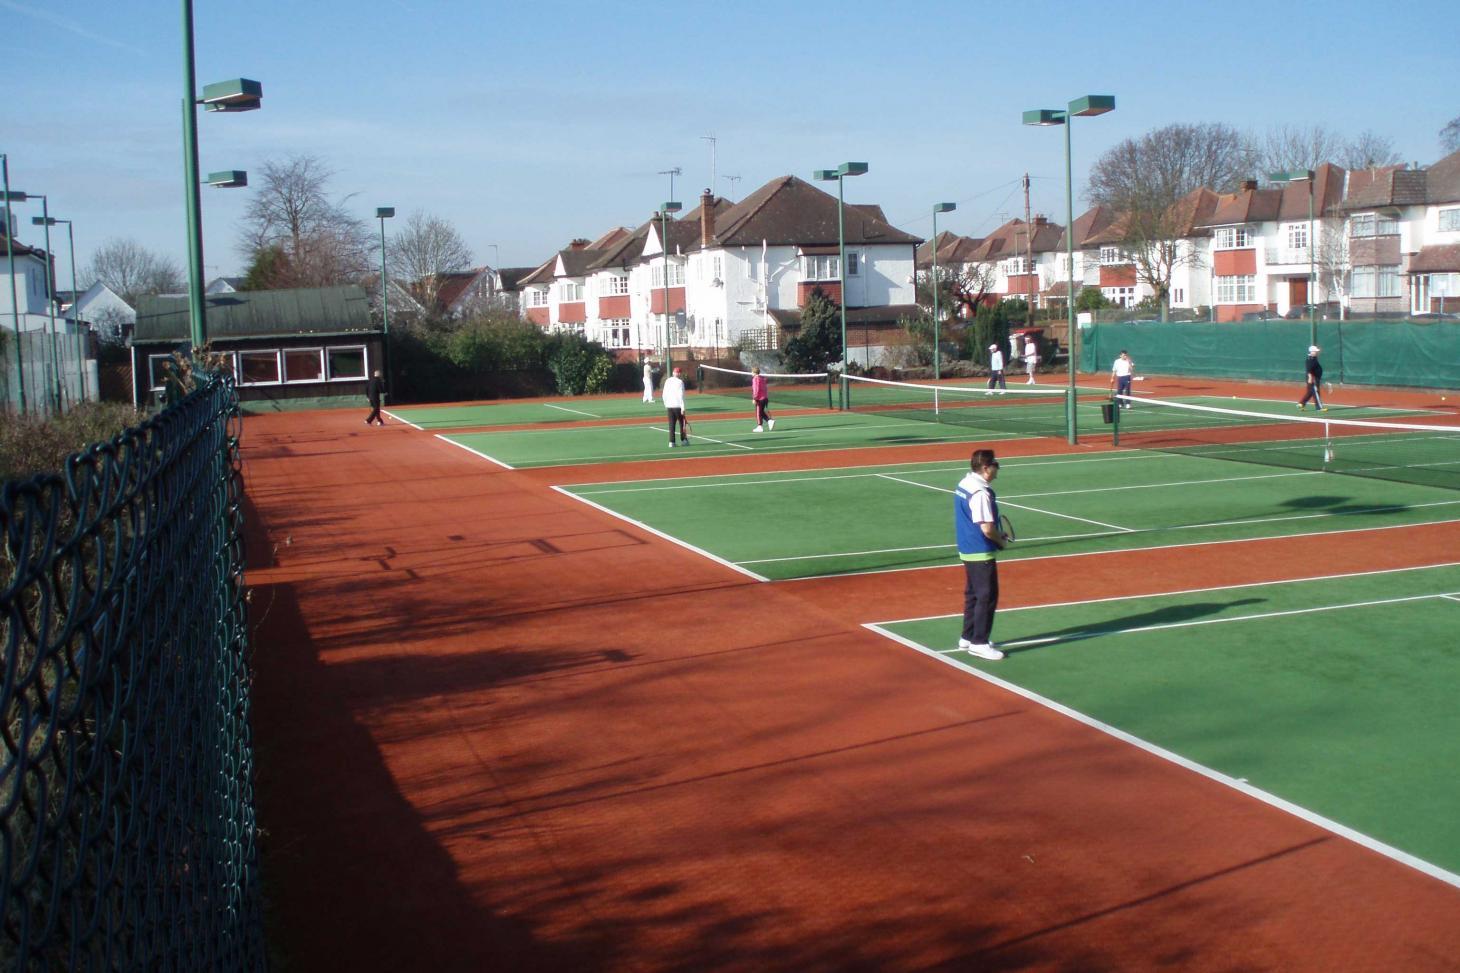 Templars Tennis Club Outdoor | Astroturf tennis court